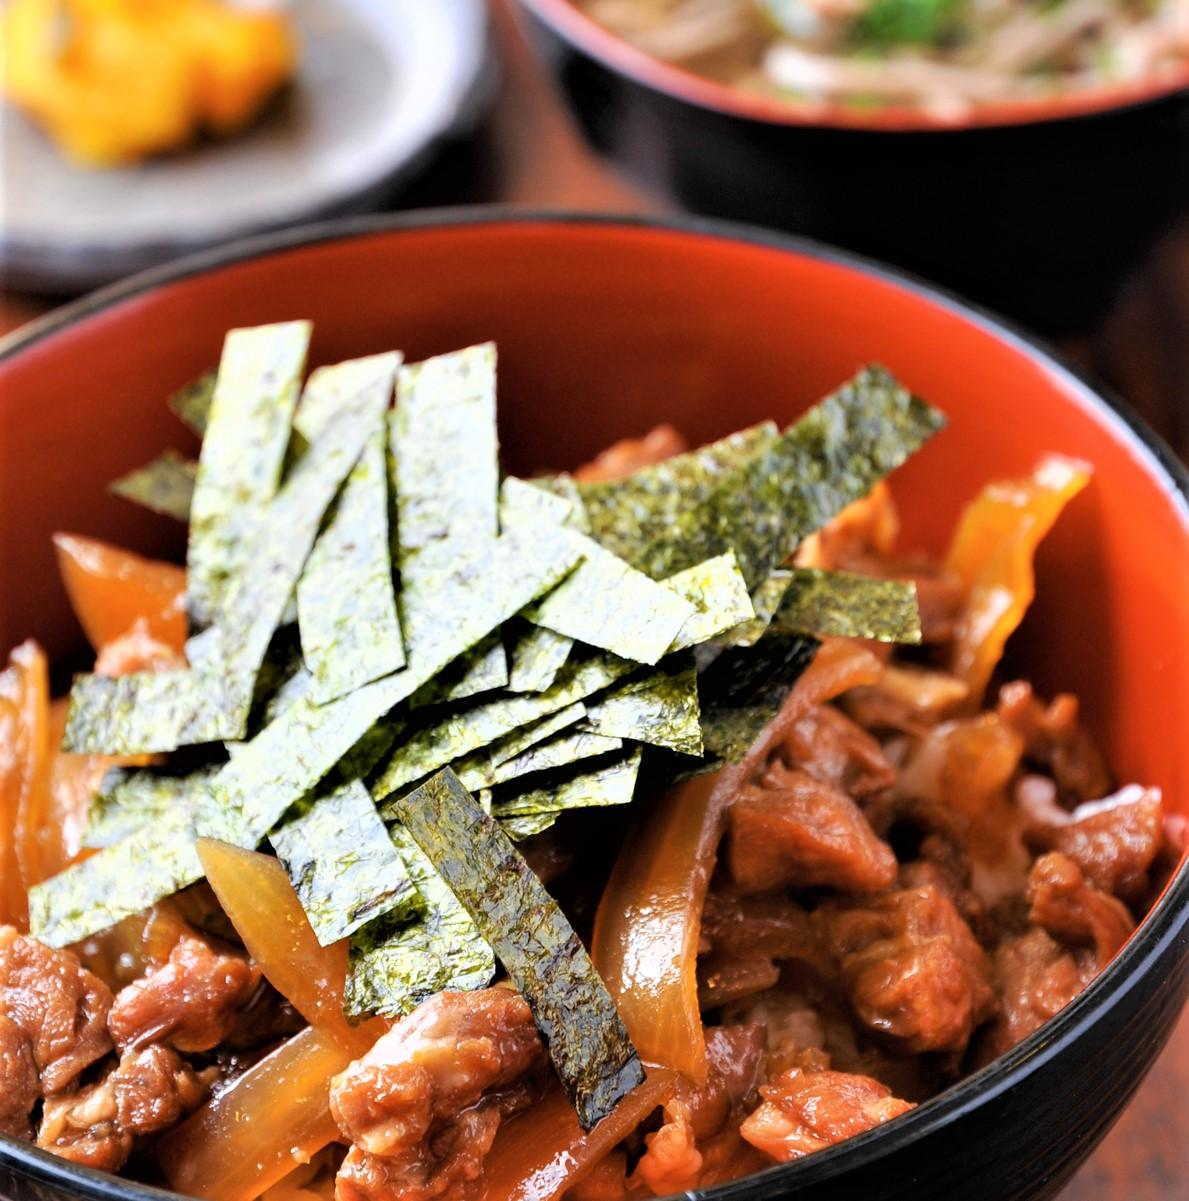 토종닭・닭 요리 미야마혼포 니칸바시 도리점-4